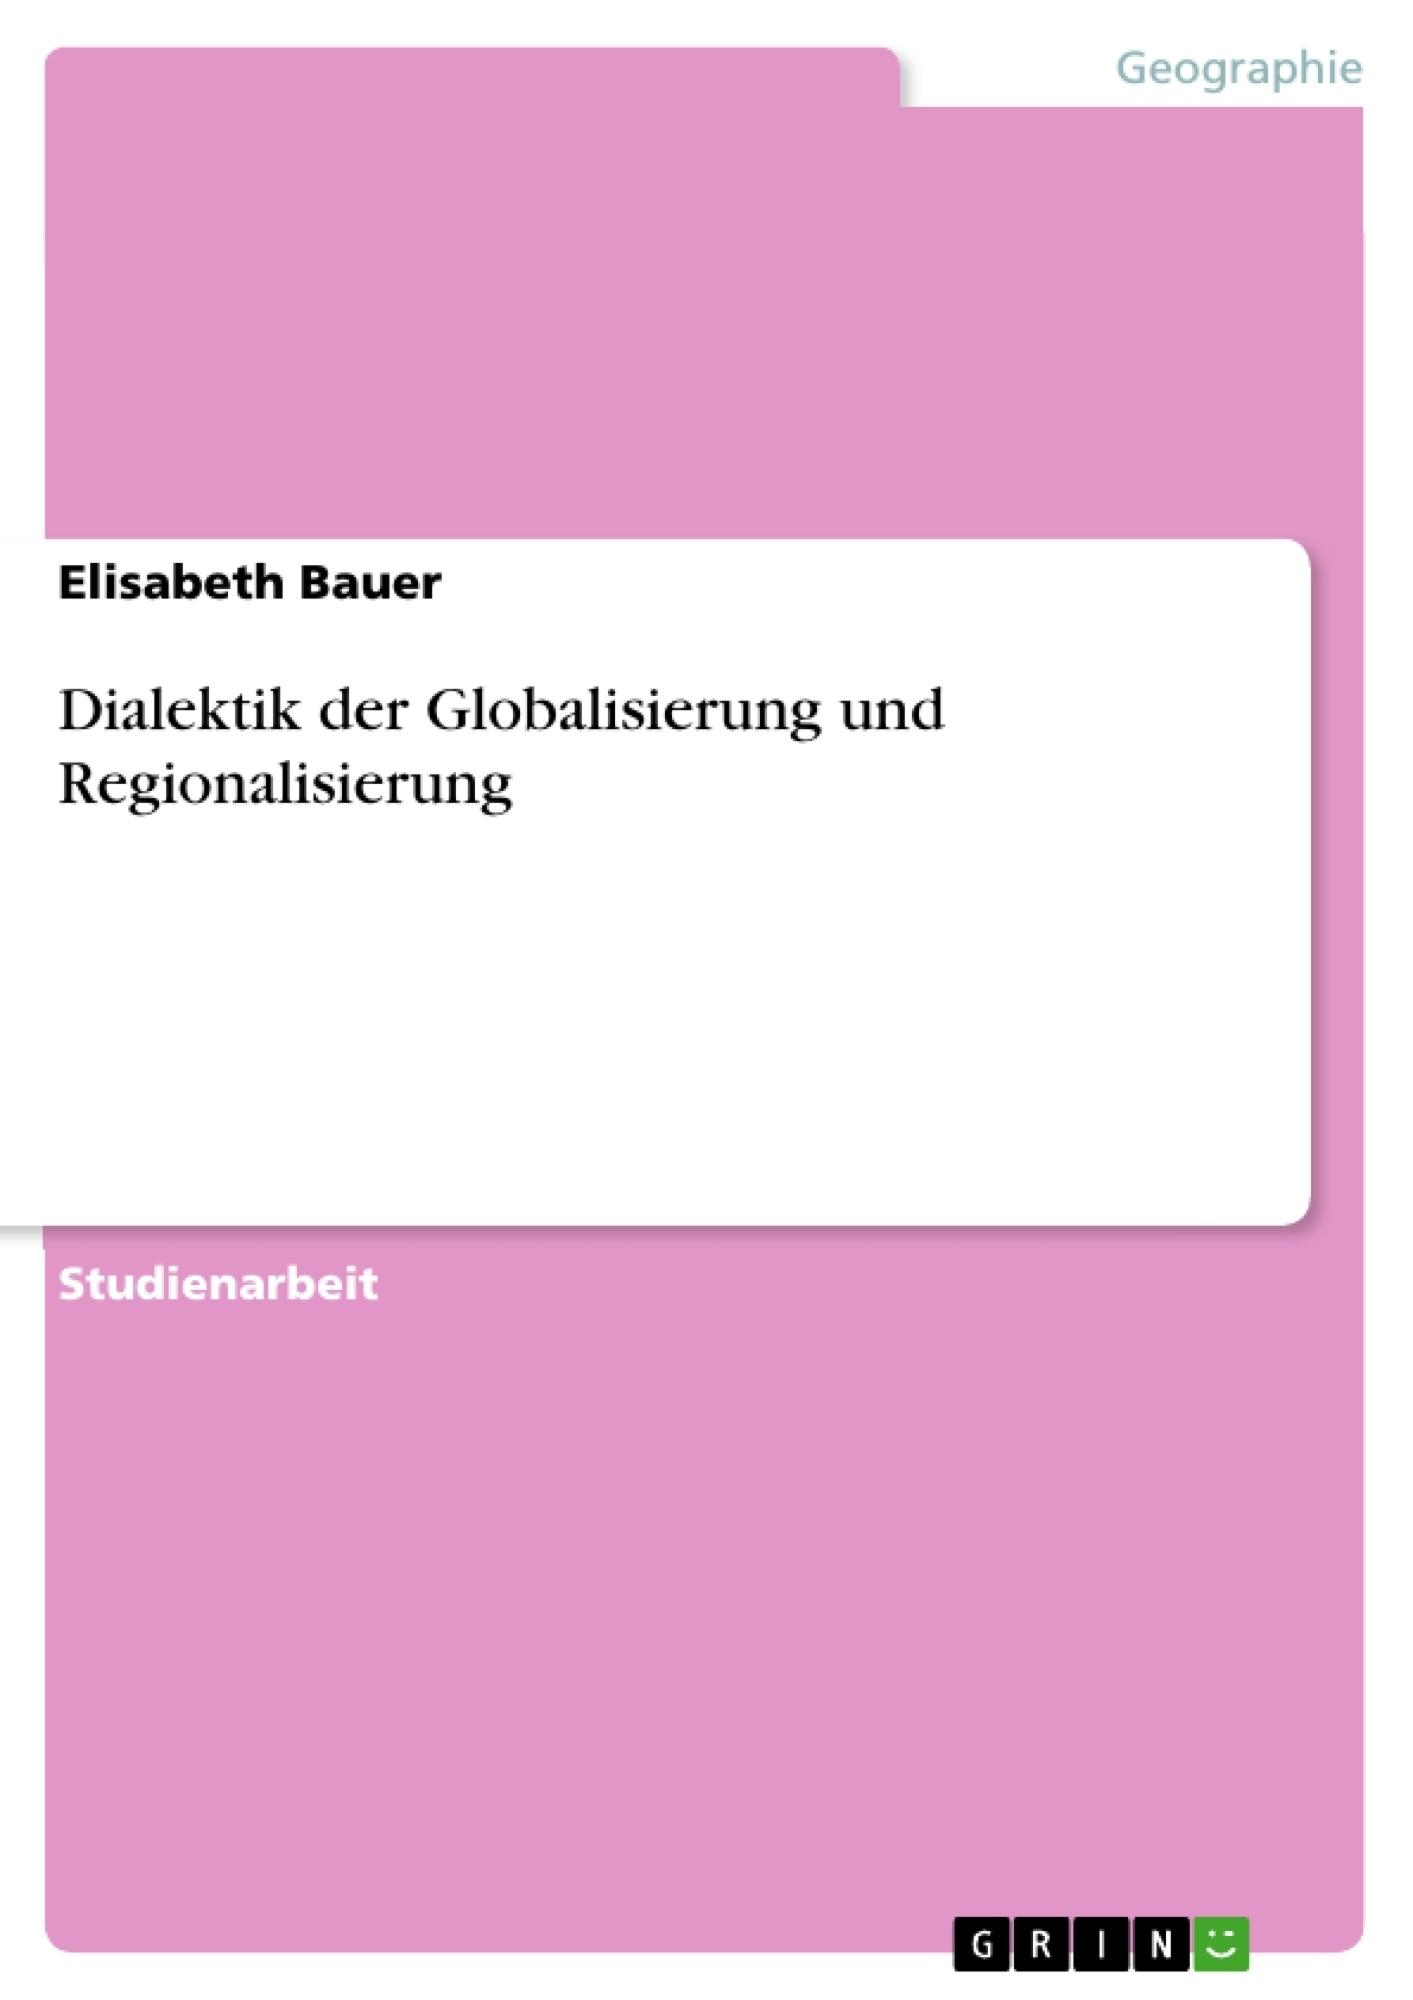 Titel: Dialektik der Globalisierung und Regionalisierung